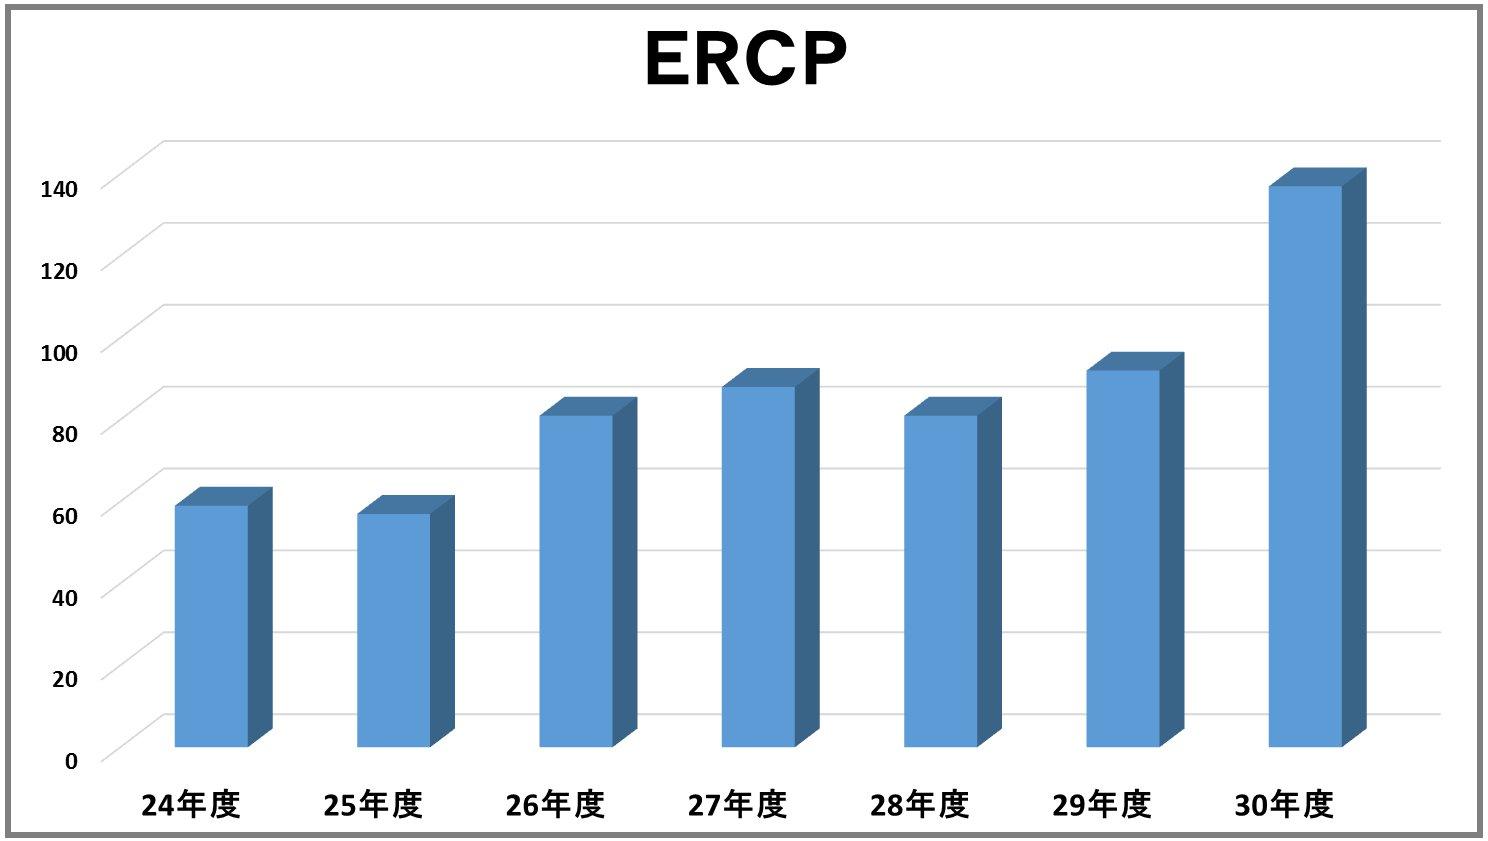 ERCP数